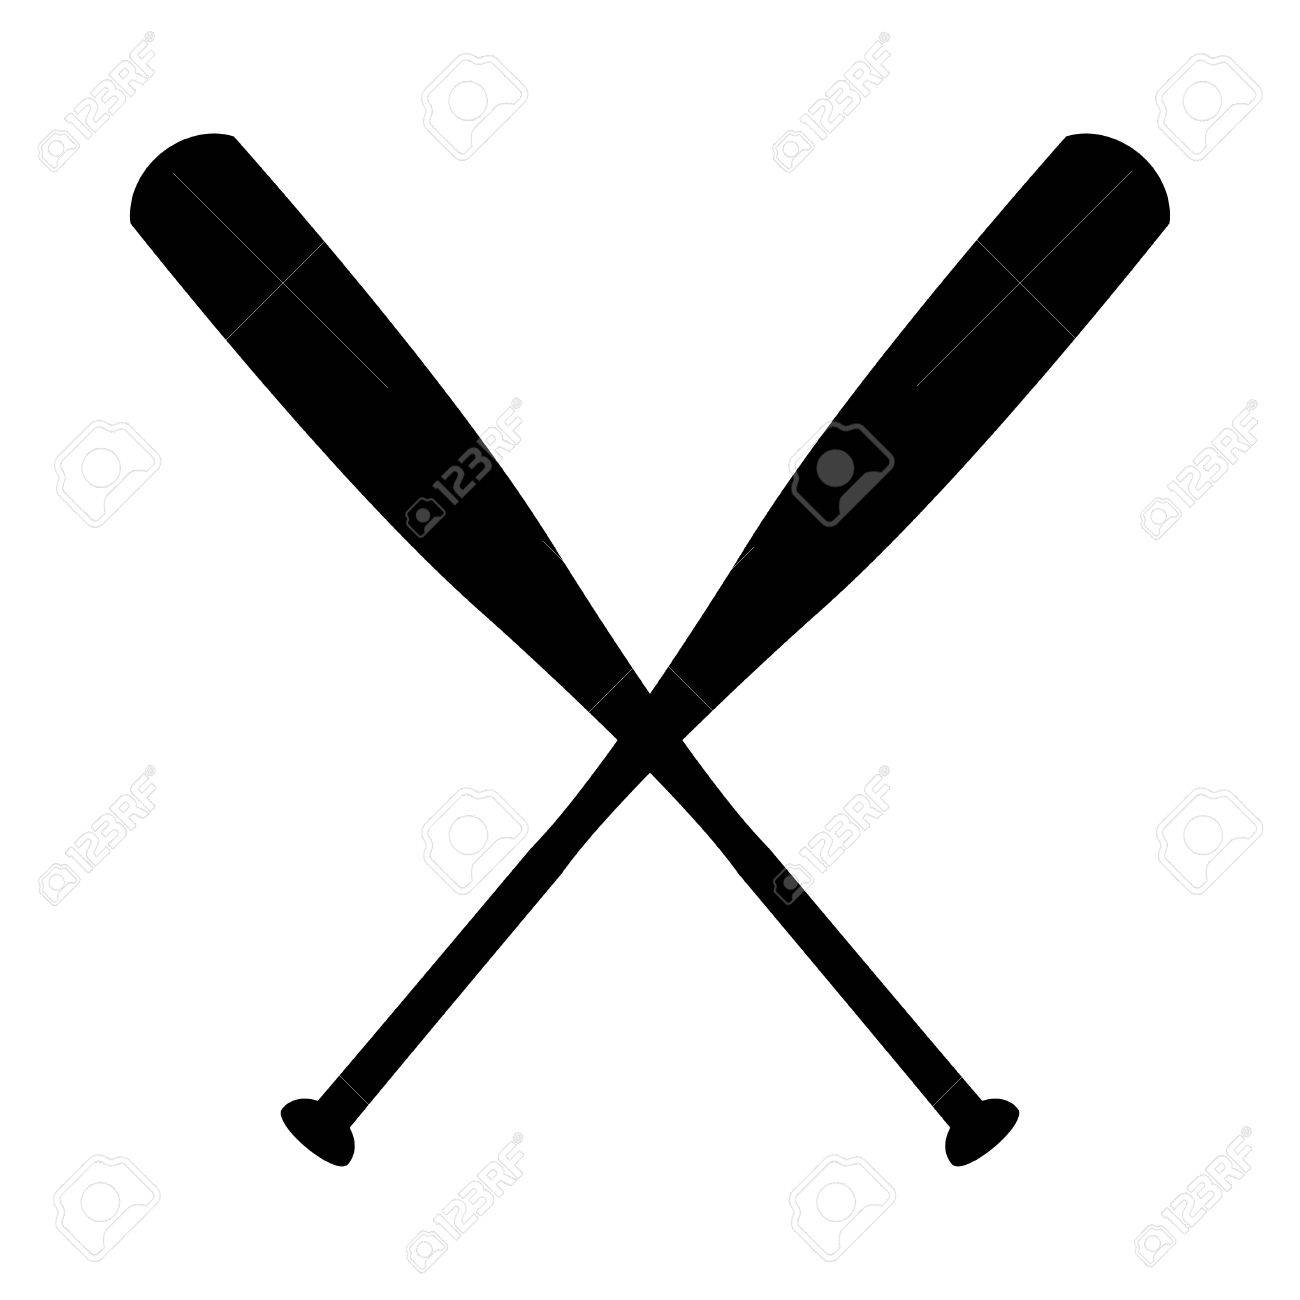 baseball bat vector icon royalty free cliparts vectors and stock rh 123rf com baseball bat vector art free baseball bat vector art free